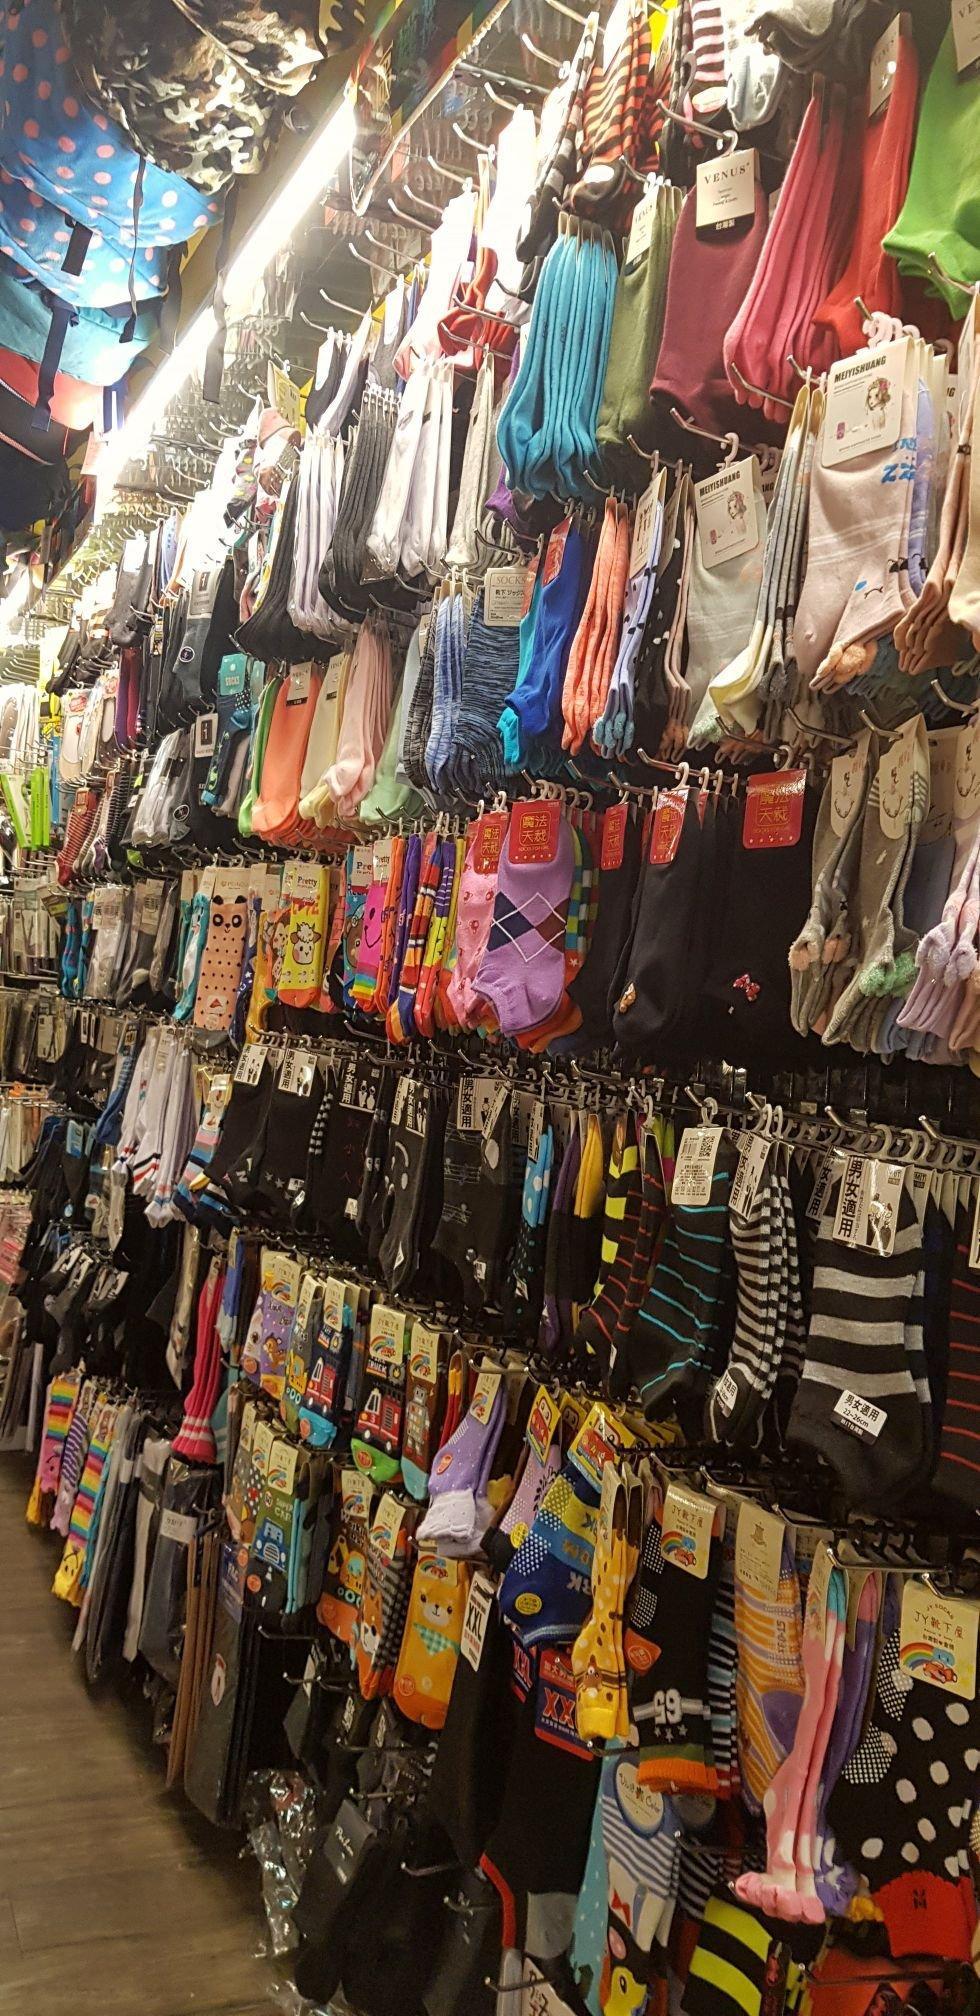 各種襪子 襪品 絲襪  褲襪 請在問與答打上您的需求 拍照 在開標去給您